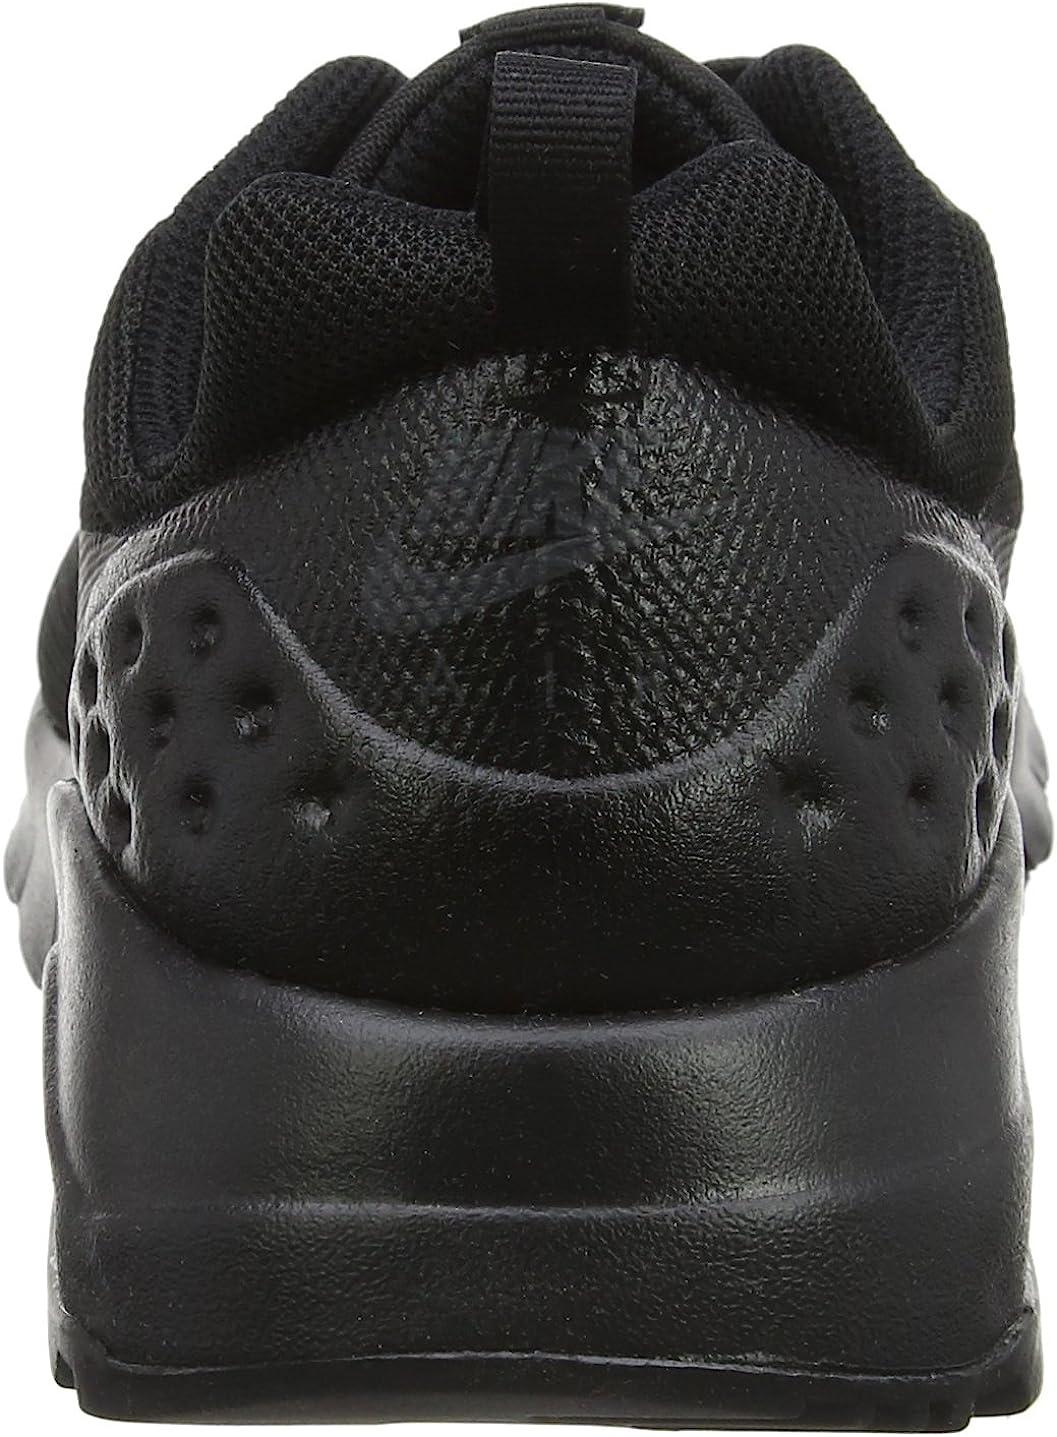 Nike Boys Low-Top Sneakers Black/Black/Black